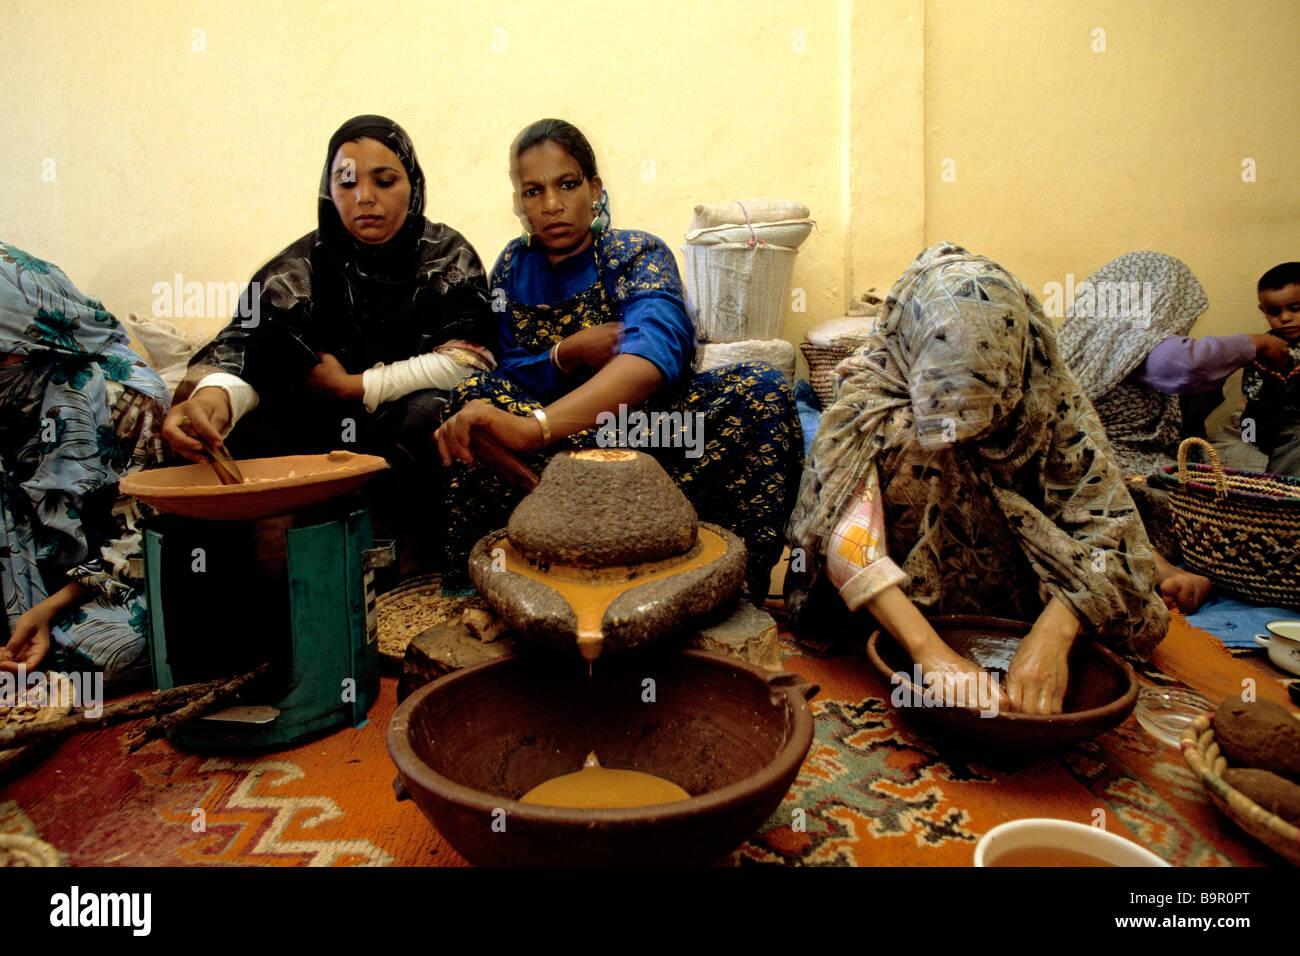 Il Marocco, Alto Atlante, fabbricazione di olio di argan dalle donne berbere Immagini Stock